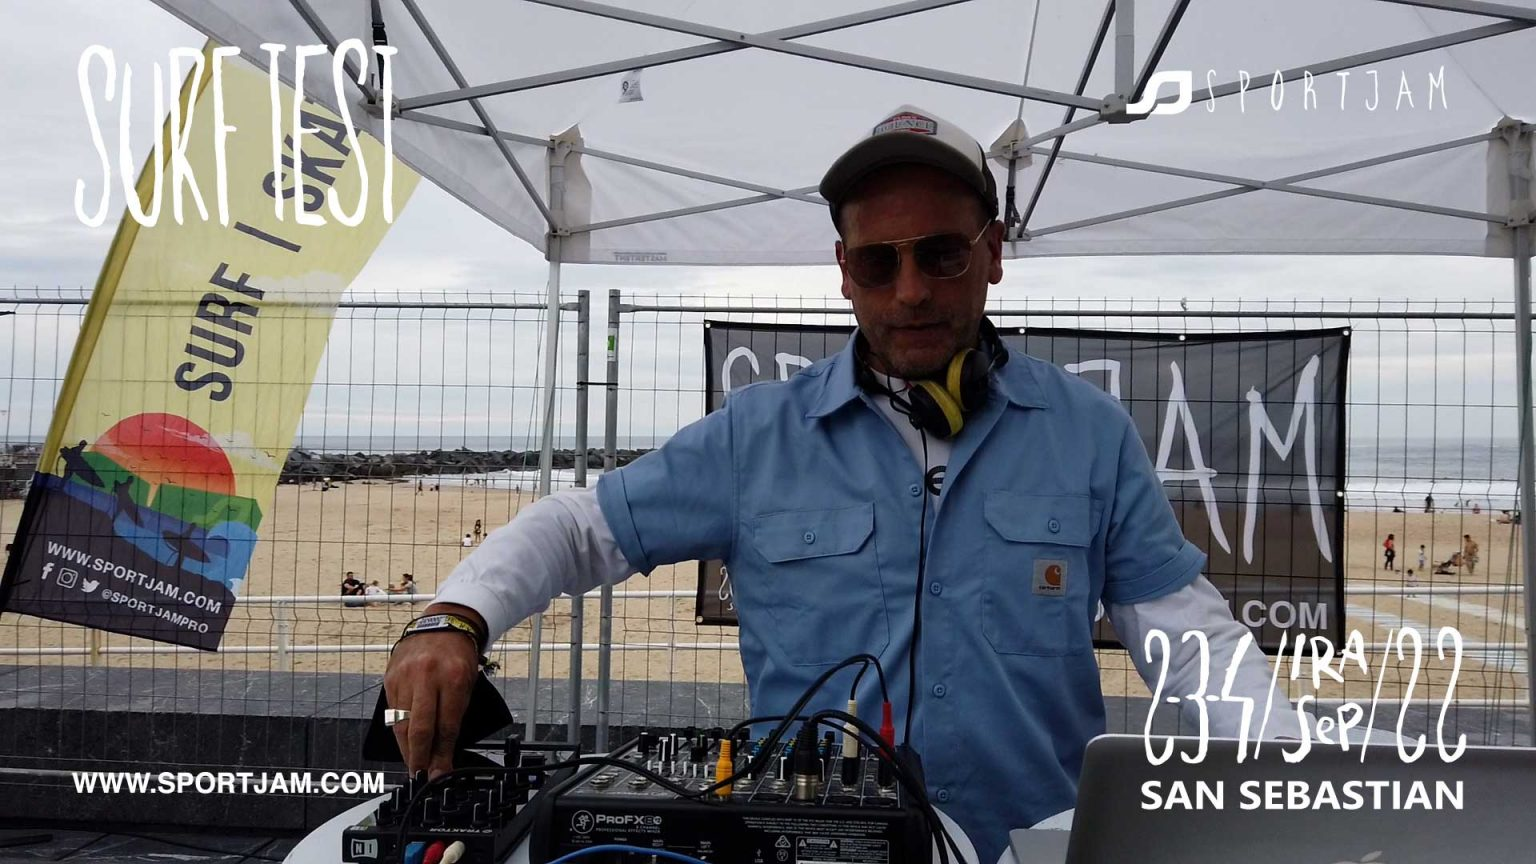 DJ-SPORTJAM-SURFTEST-2021